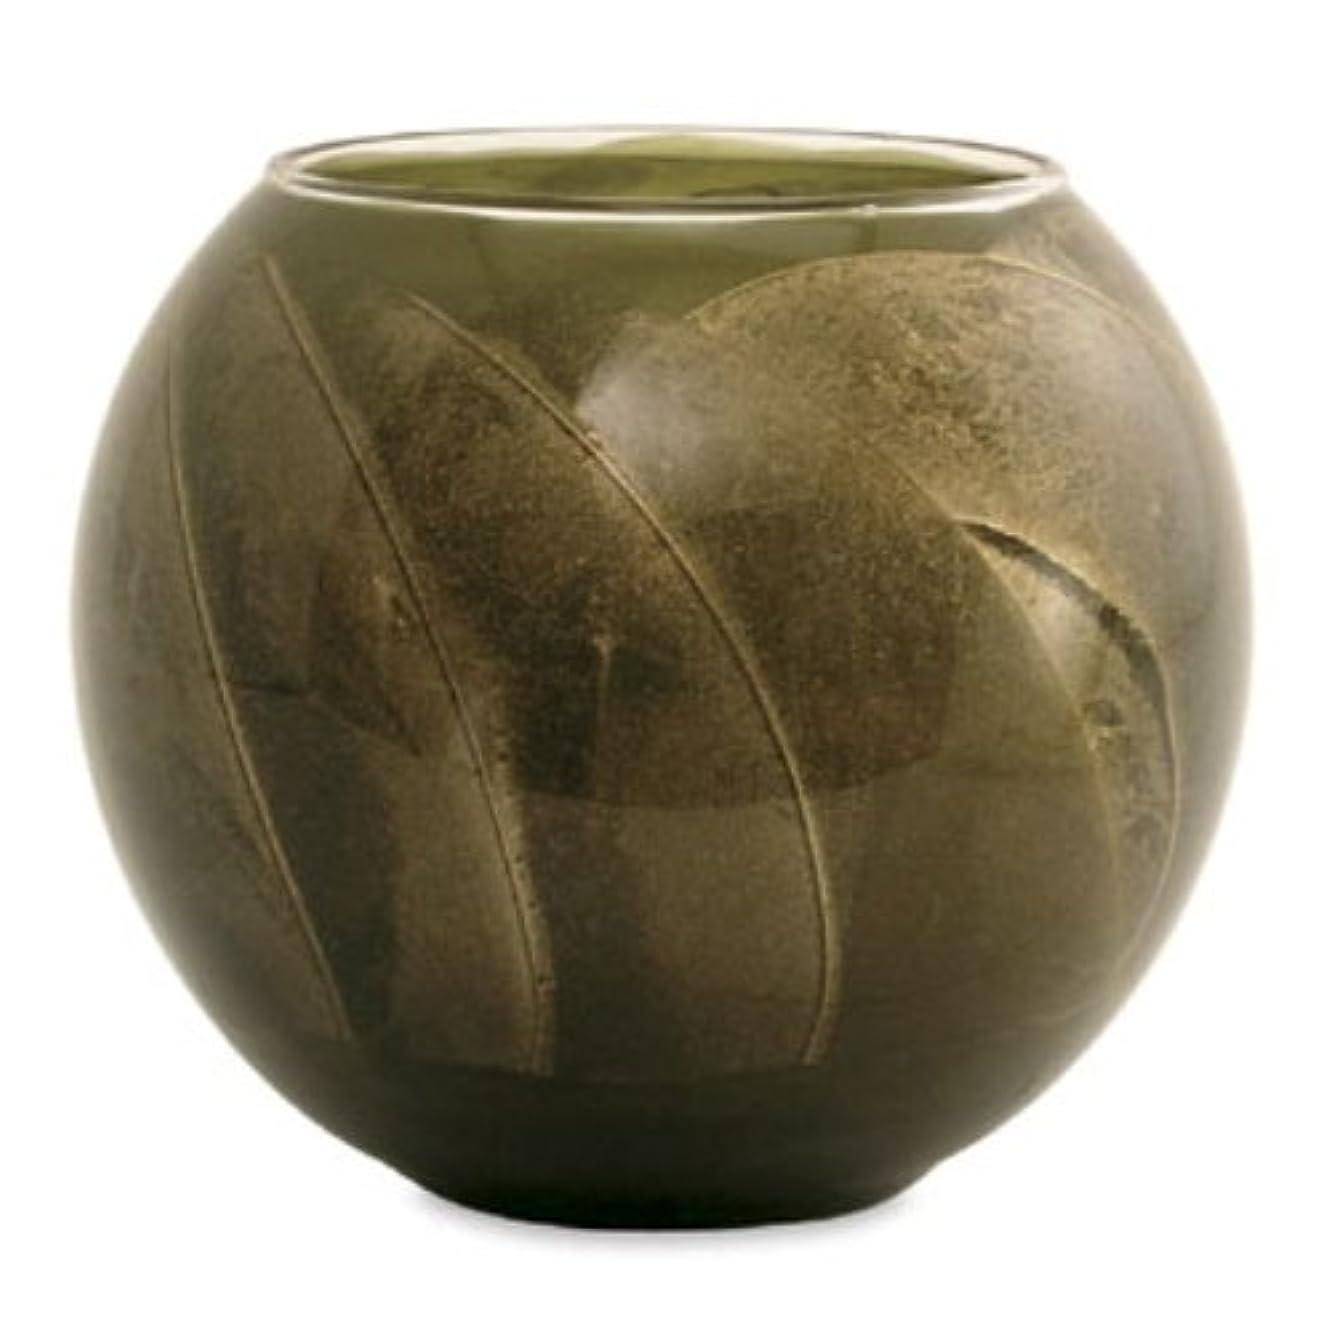 ポジションアンティーク幽霊Northern Lights Candles Esque Polished Globe - 4 inch Olive by Northern Lights Candles [並行輸入品]